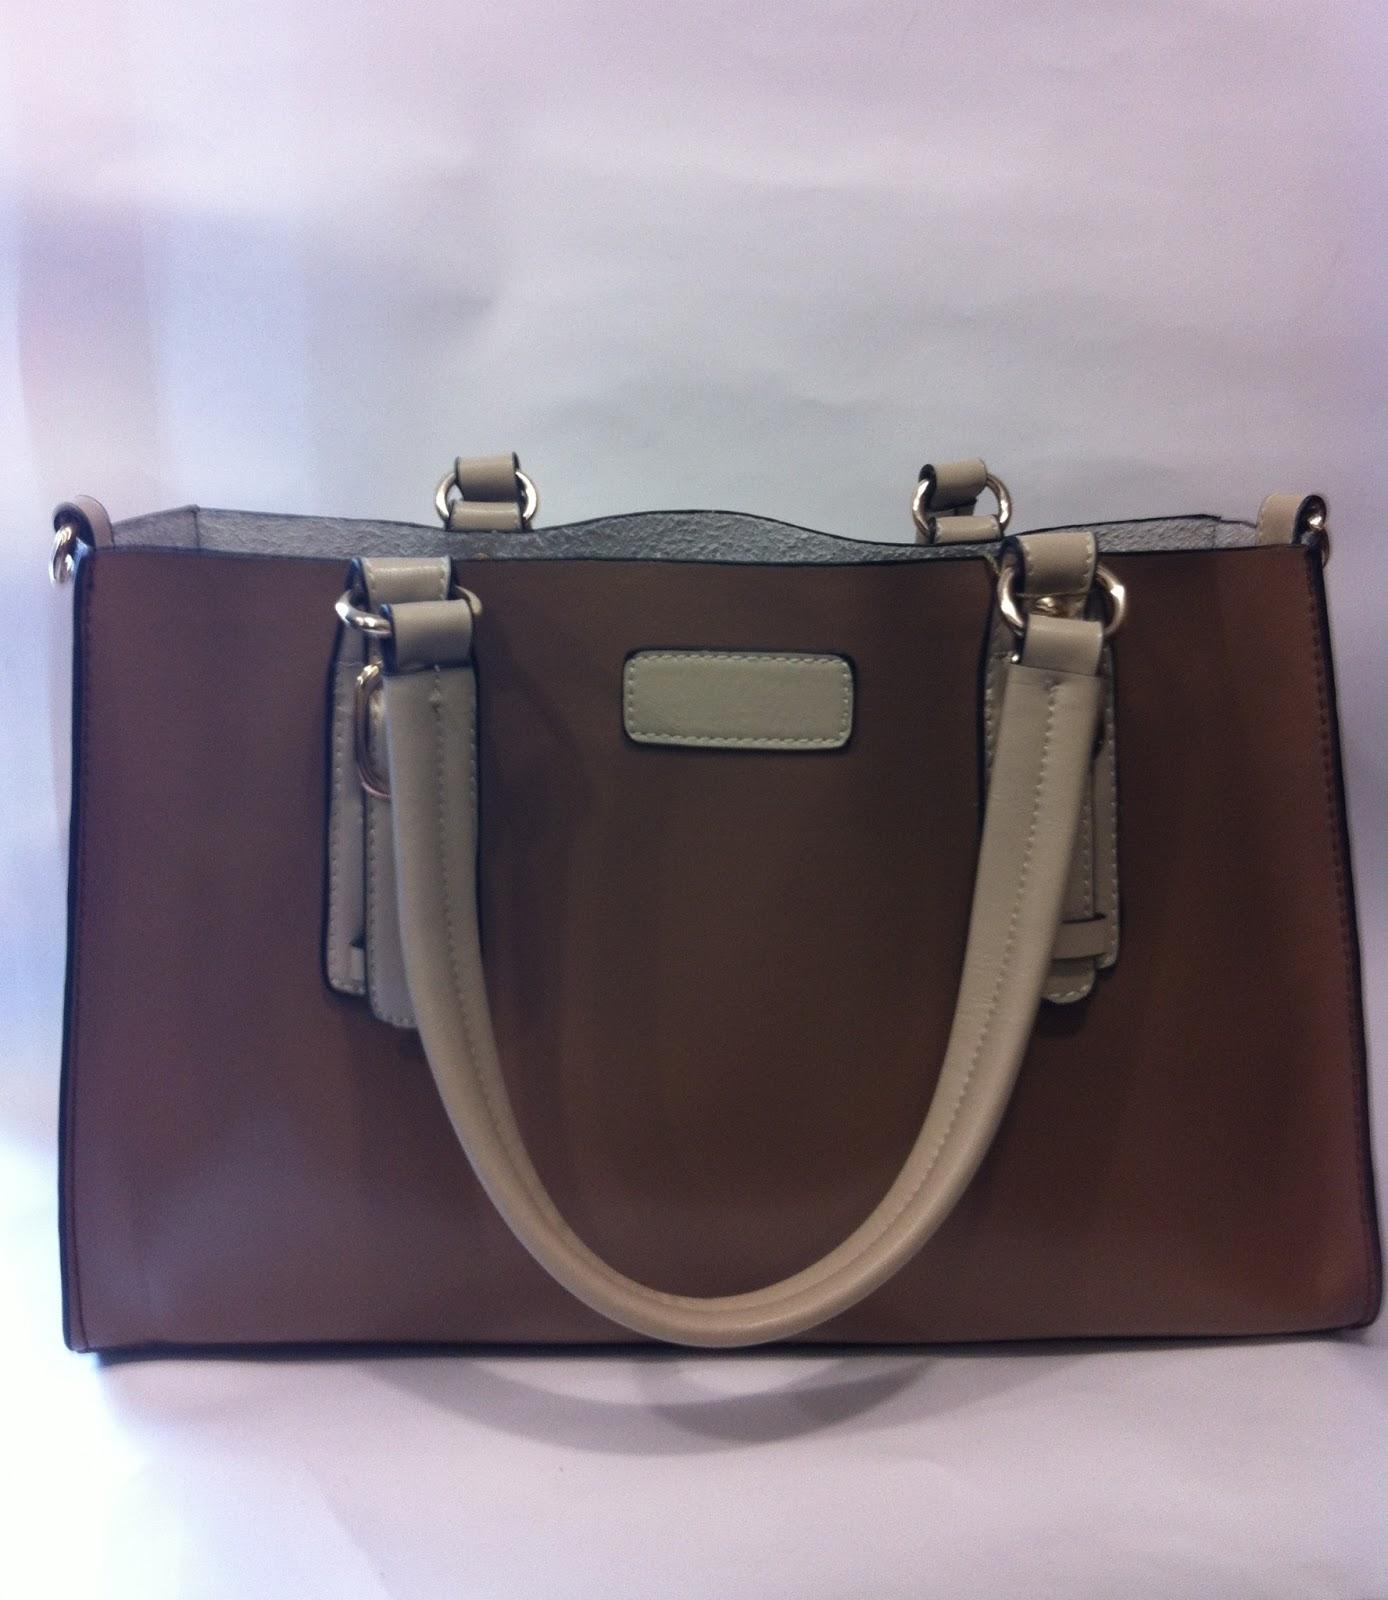 Сумочки, сумочка, женская сумка, сумка купить, StyleR